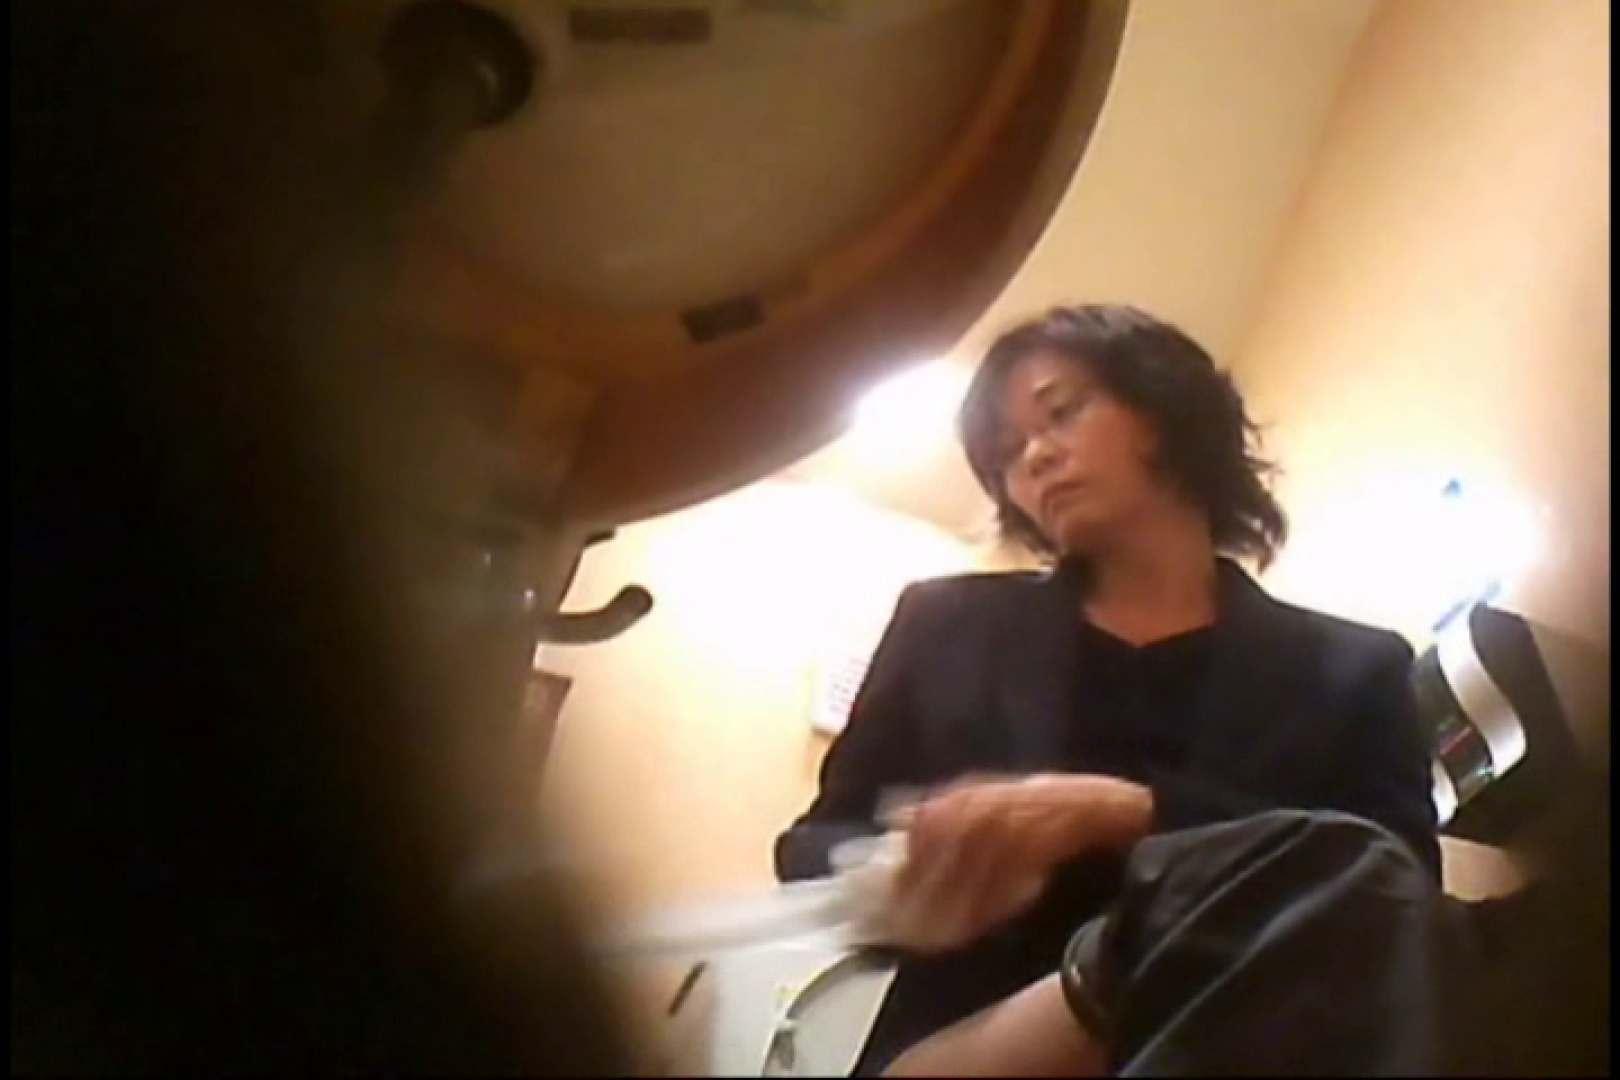 画質向上!新亀さん厠 vol.31 OLすけべ画像 われめAV動画紹介 81連発 56